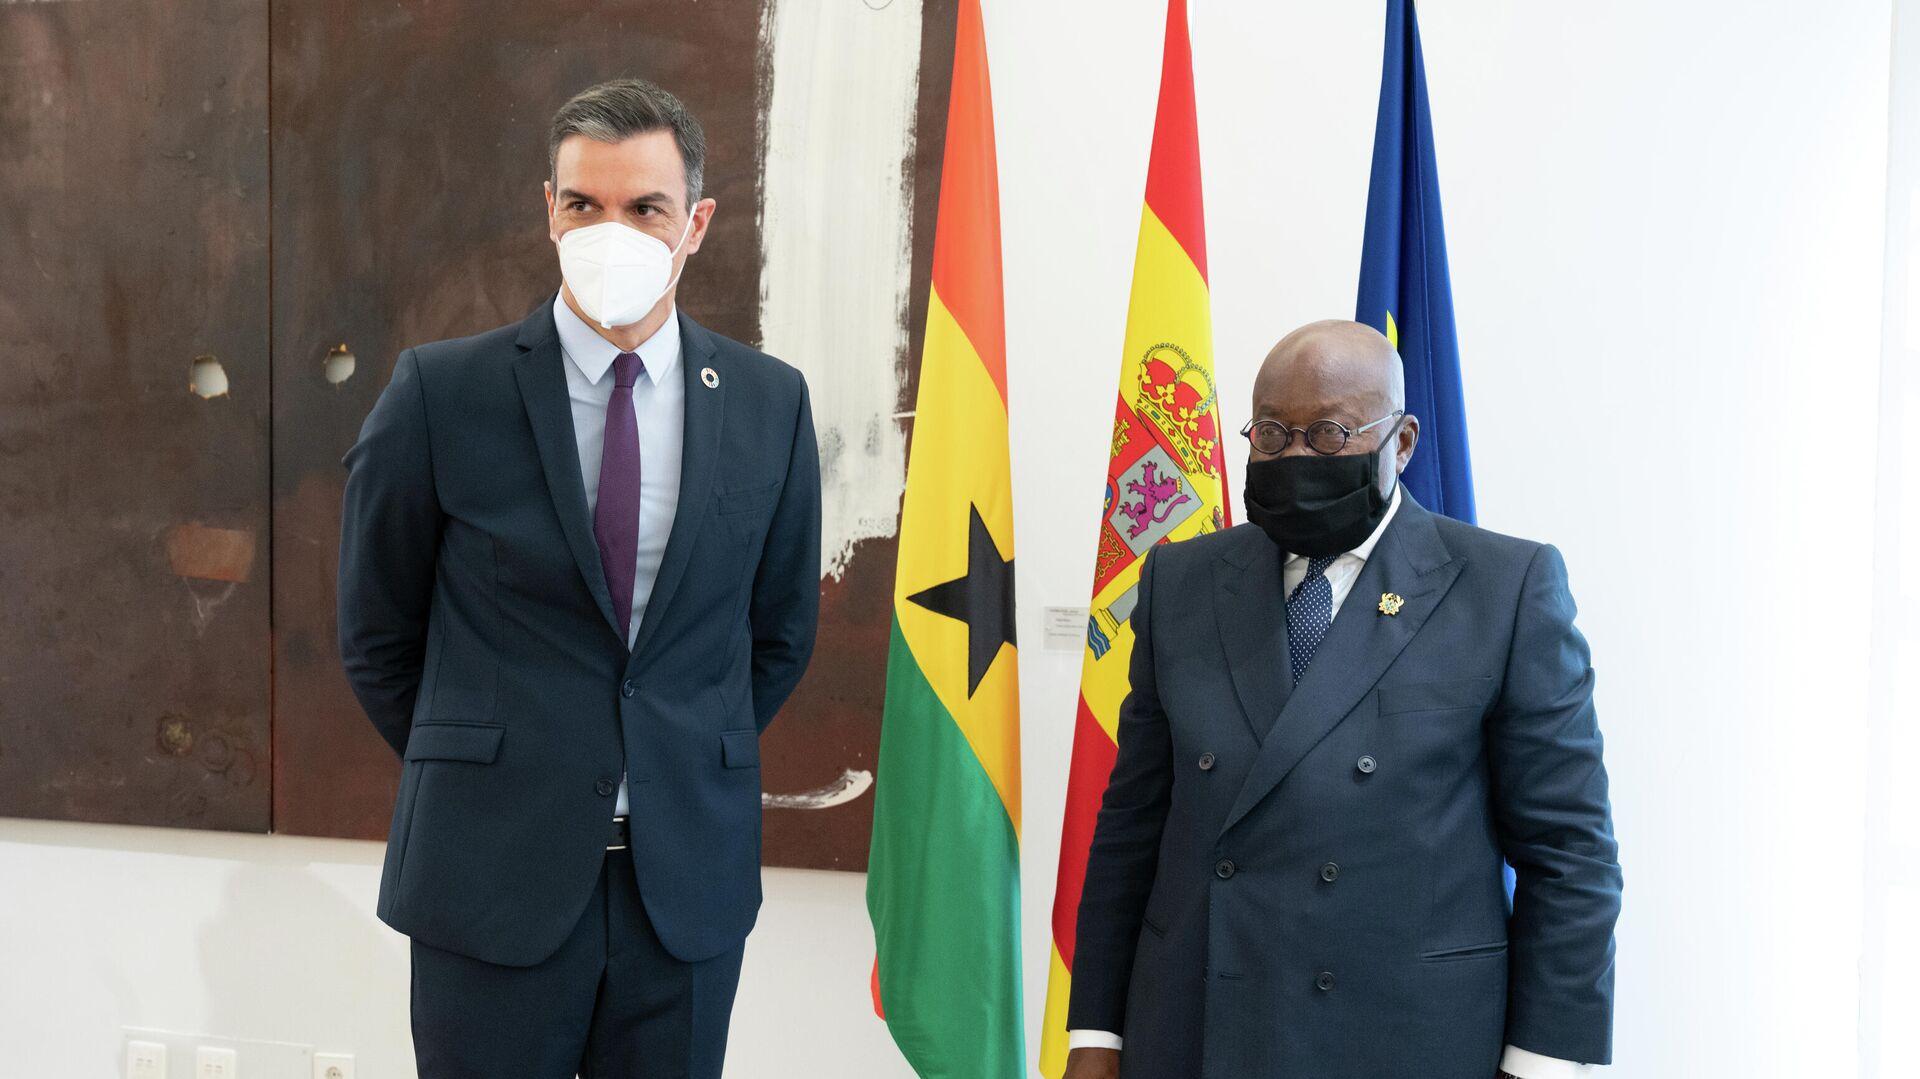 El presidente del Gobierno, Pedro Sánchez, y el presidente de la República de Ghana, Nana Akufo-Addo, en una reunión en Madrid. - Sputnik Mundo, 1920, 29.03.2021